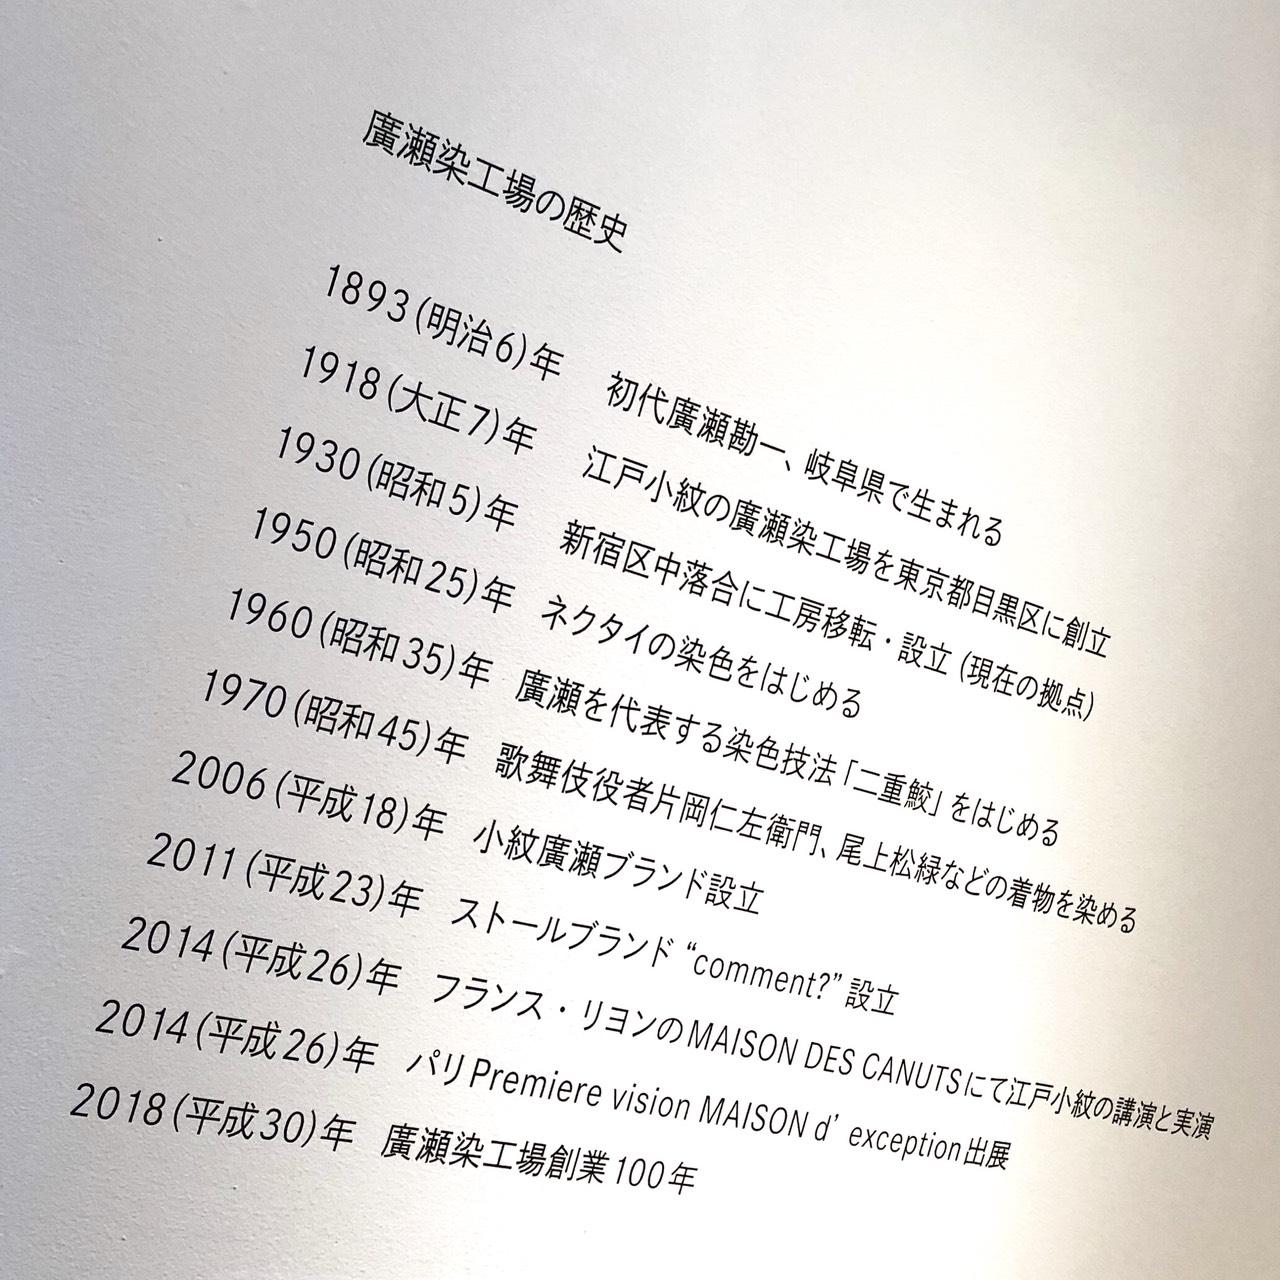 7月19日 廣瀬染工場創業100周年記念_d0171384_15185839.jpg